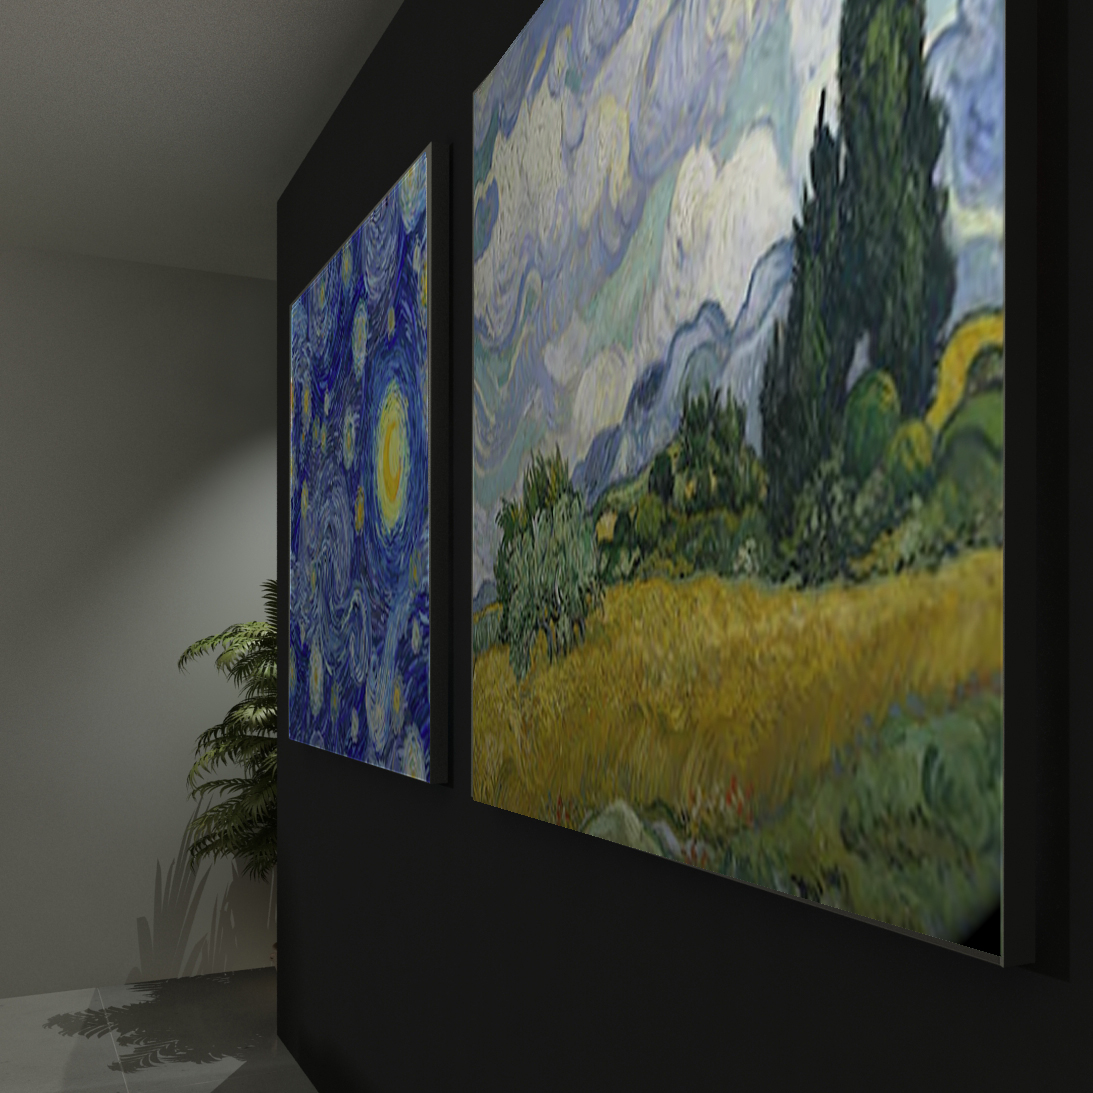 Quadri Luminosi Unica: riproduzioni Van Gogh